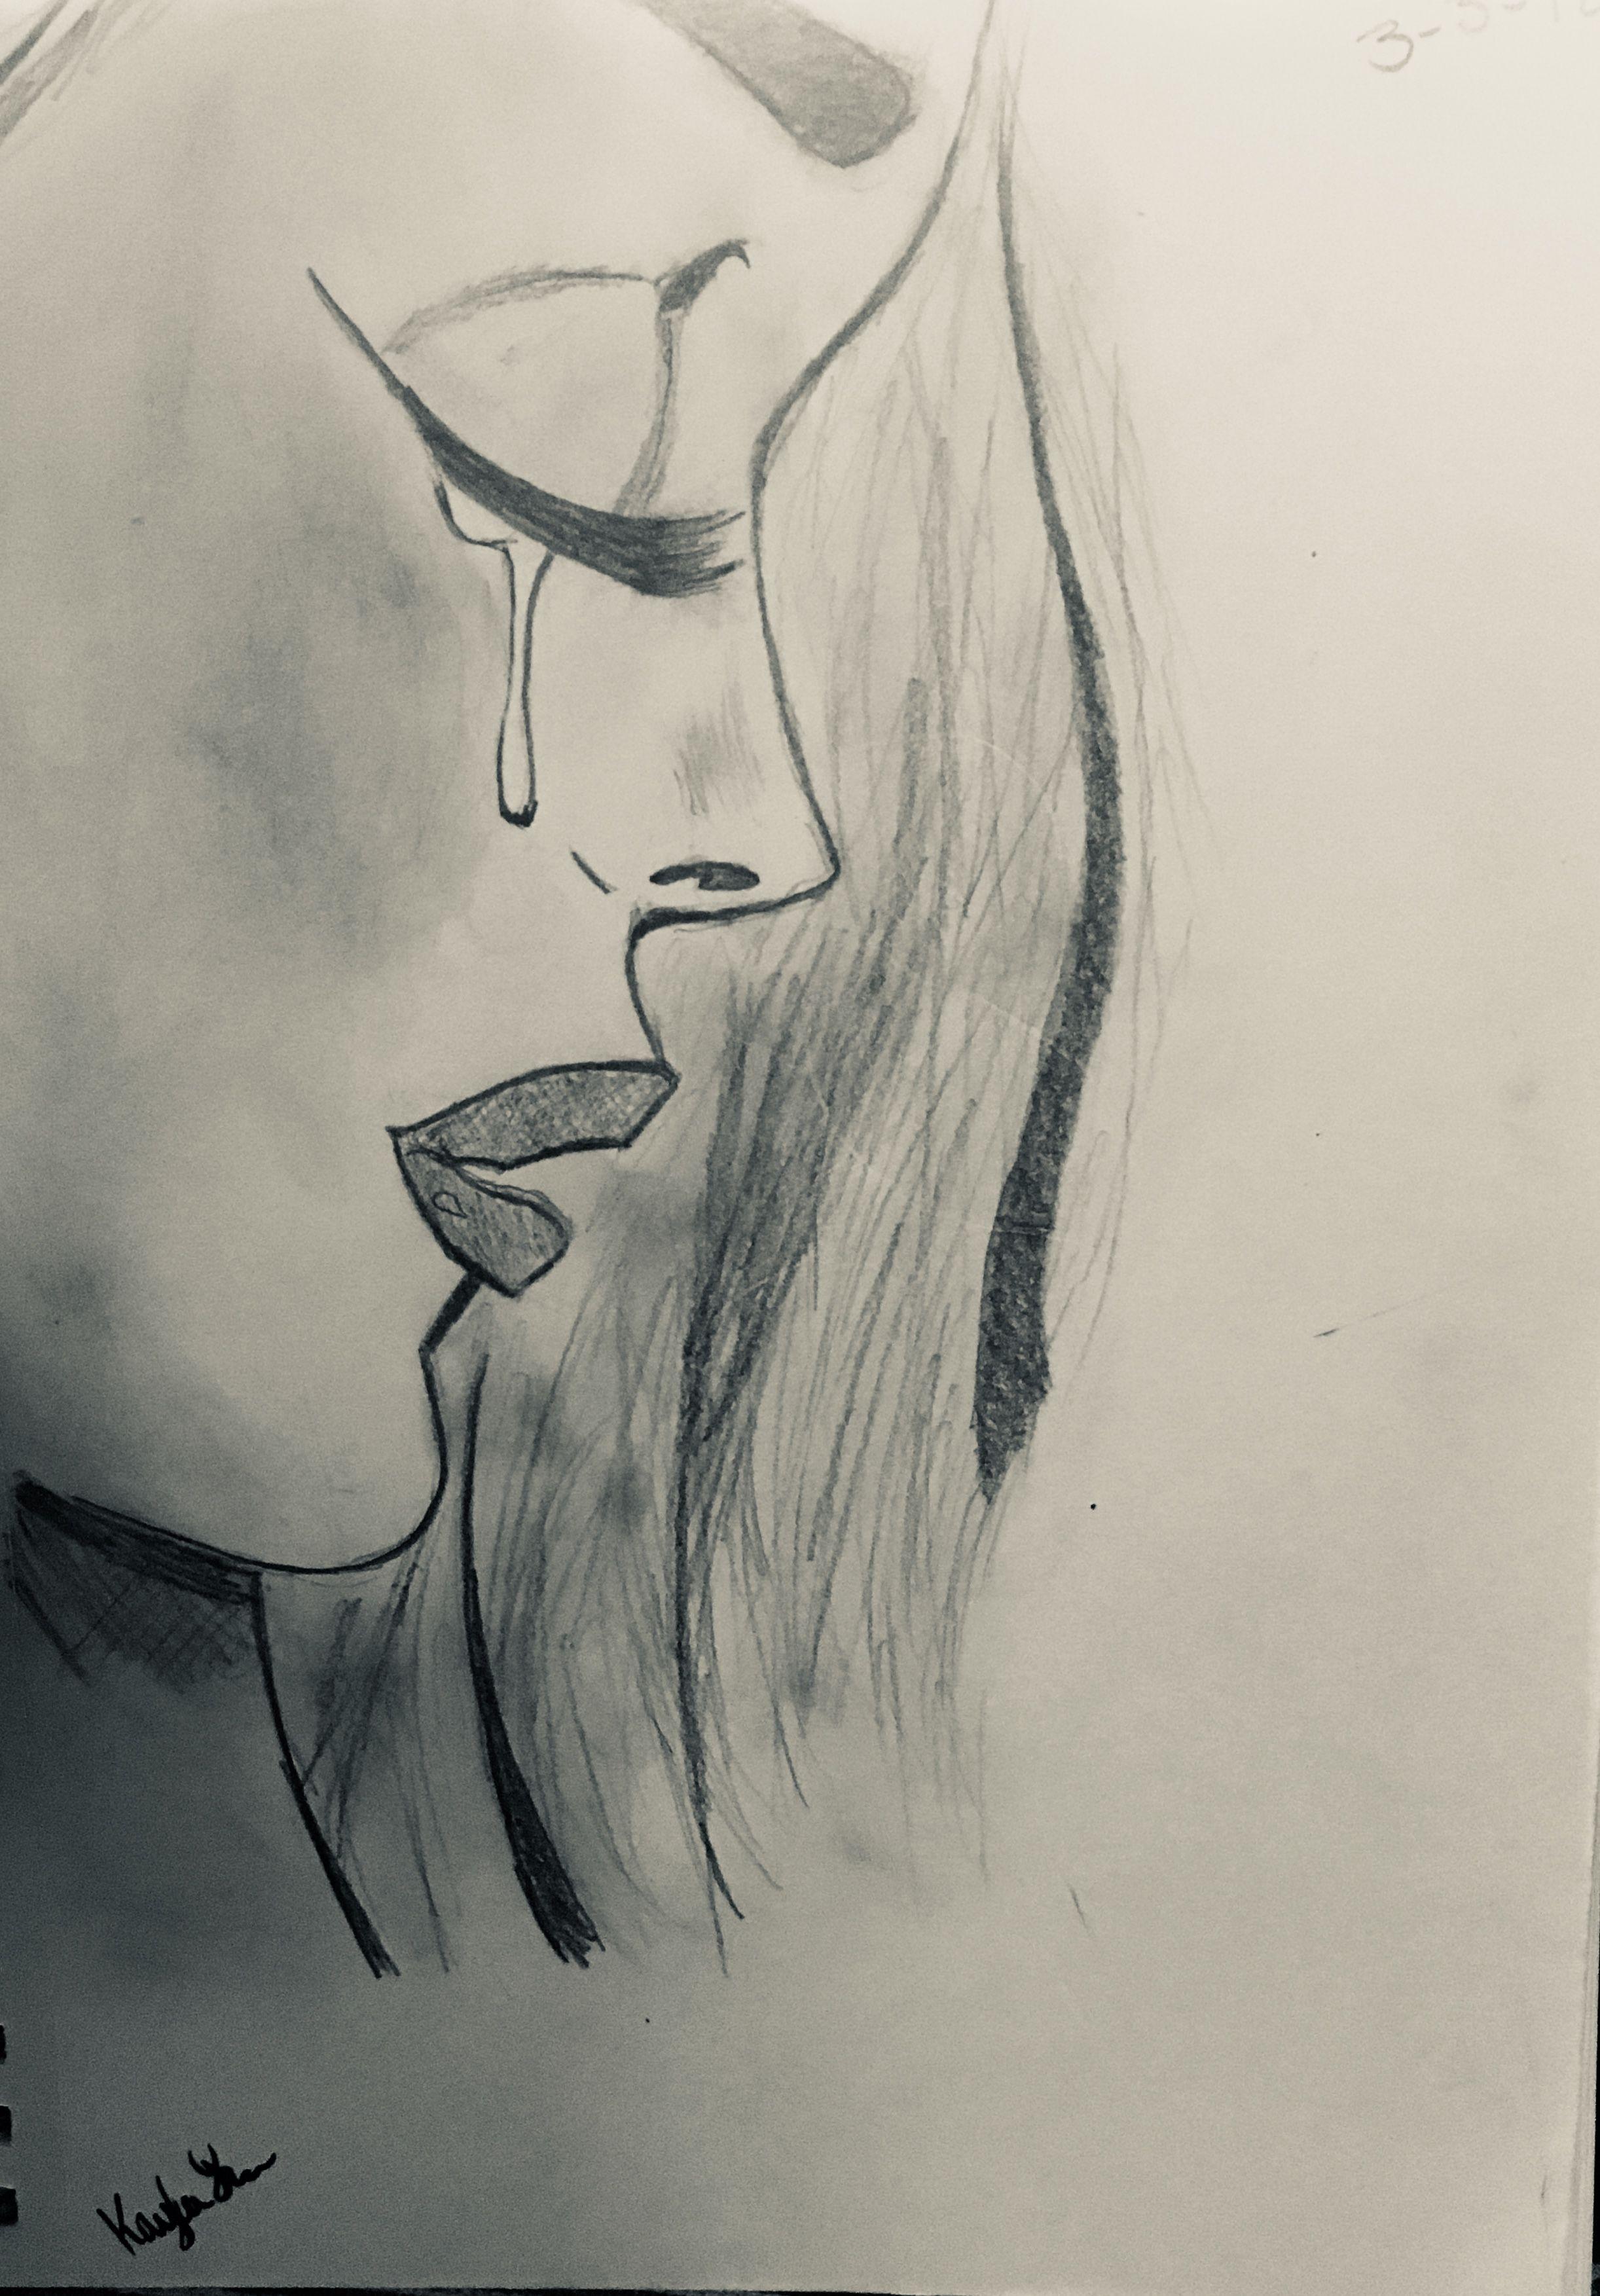 Llorar No Significa Ser Debil Significa Que Tus Sentimientos Son